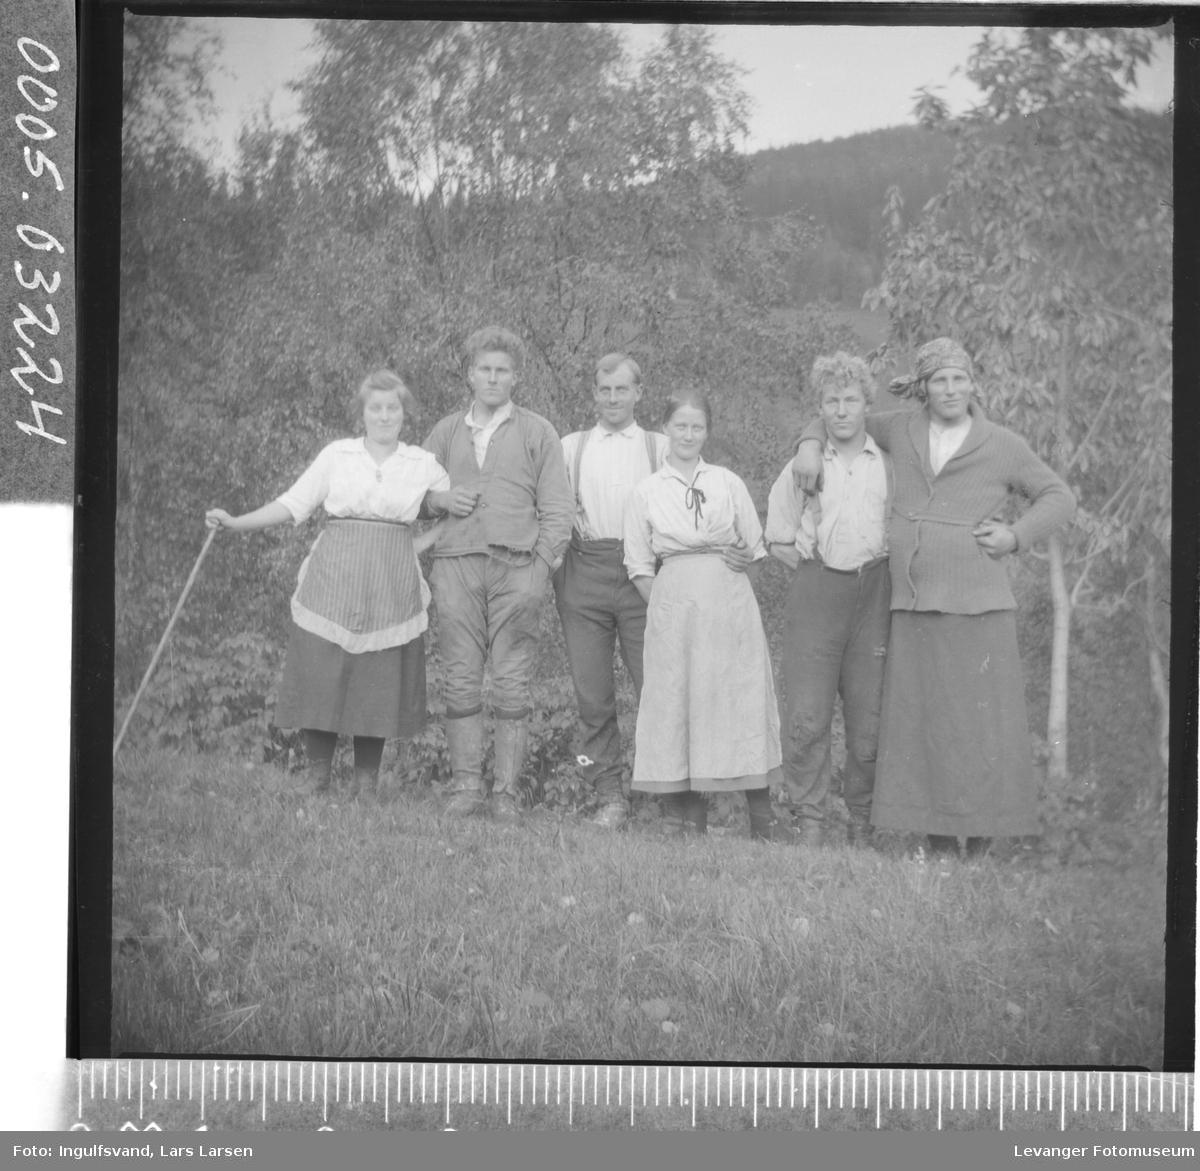 Gruppebilde av fire menn og to kvinner, hvorav en mann er utkledd som kvinne.